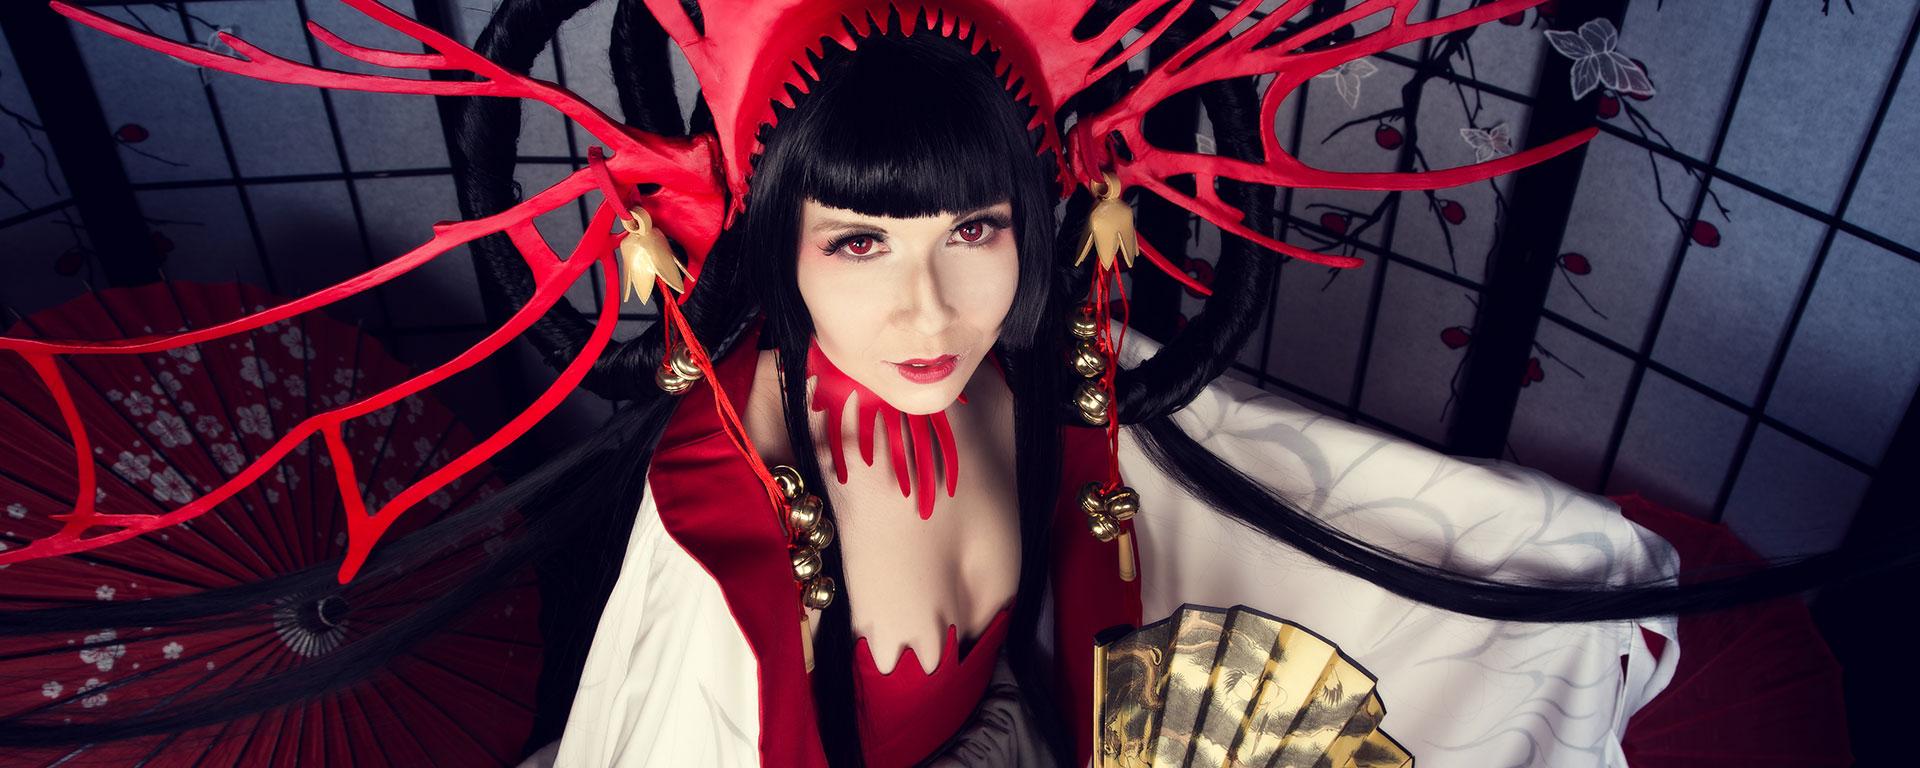 Yuuko Ichihara Cosplay